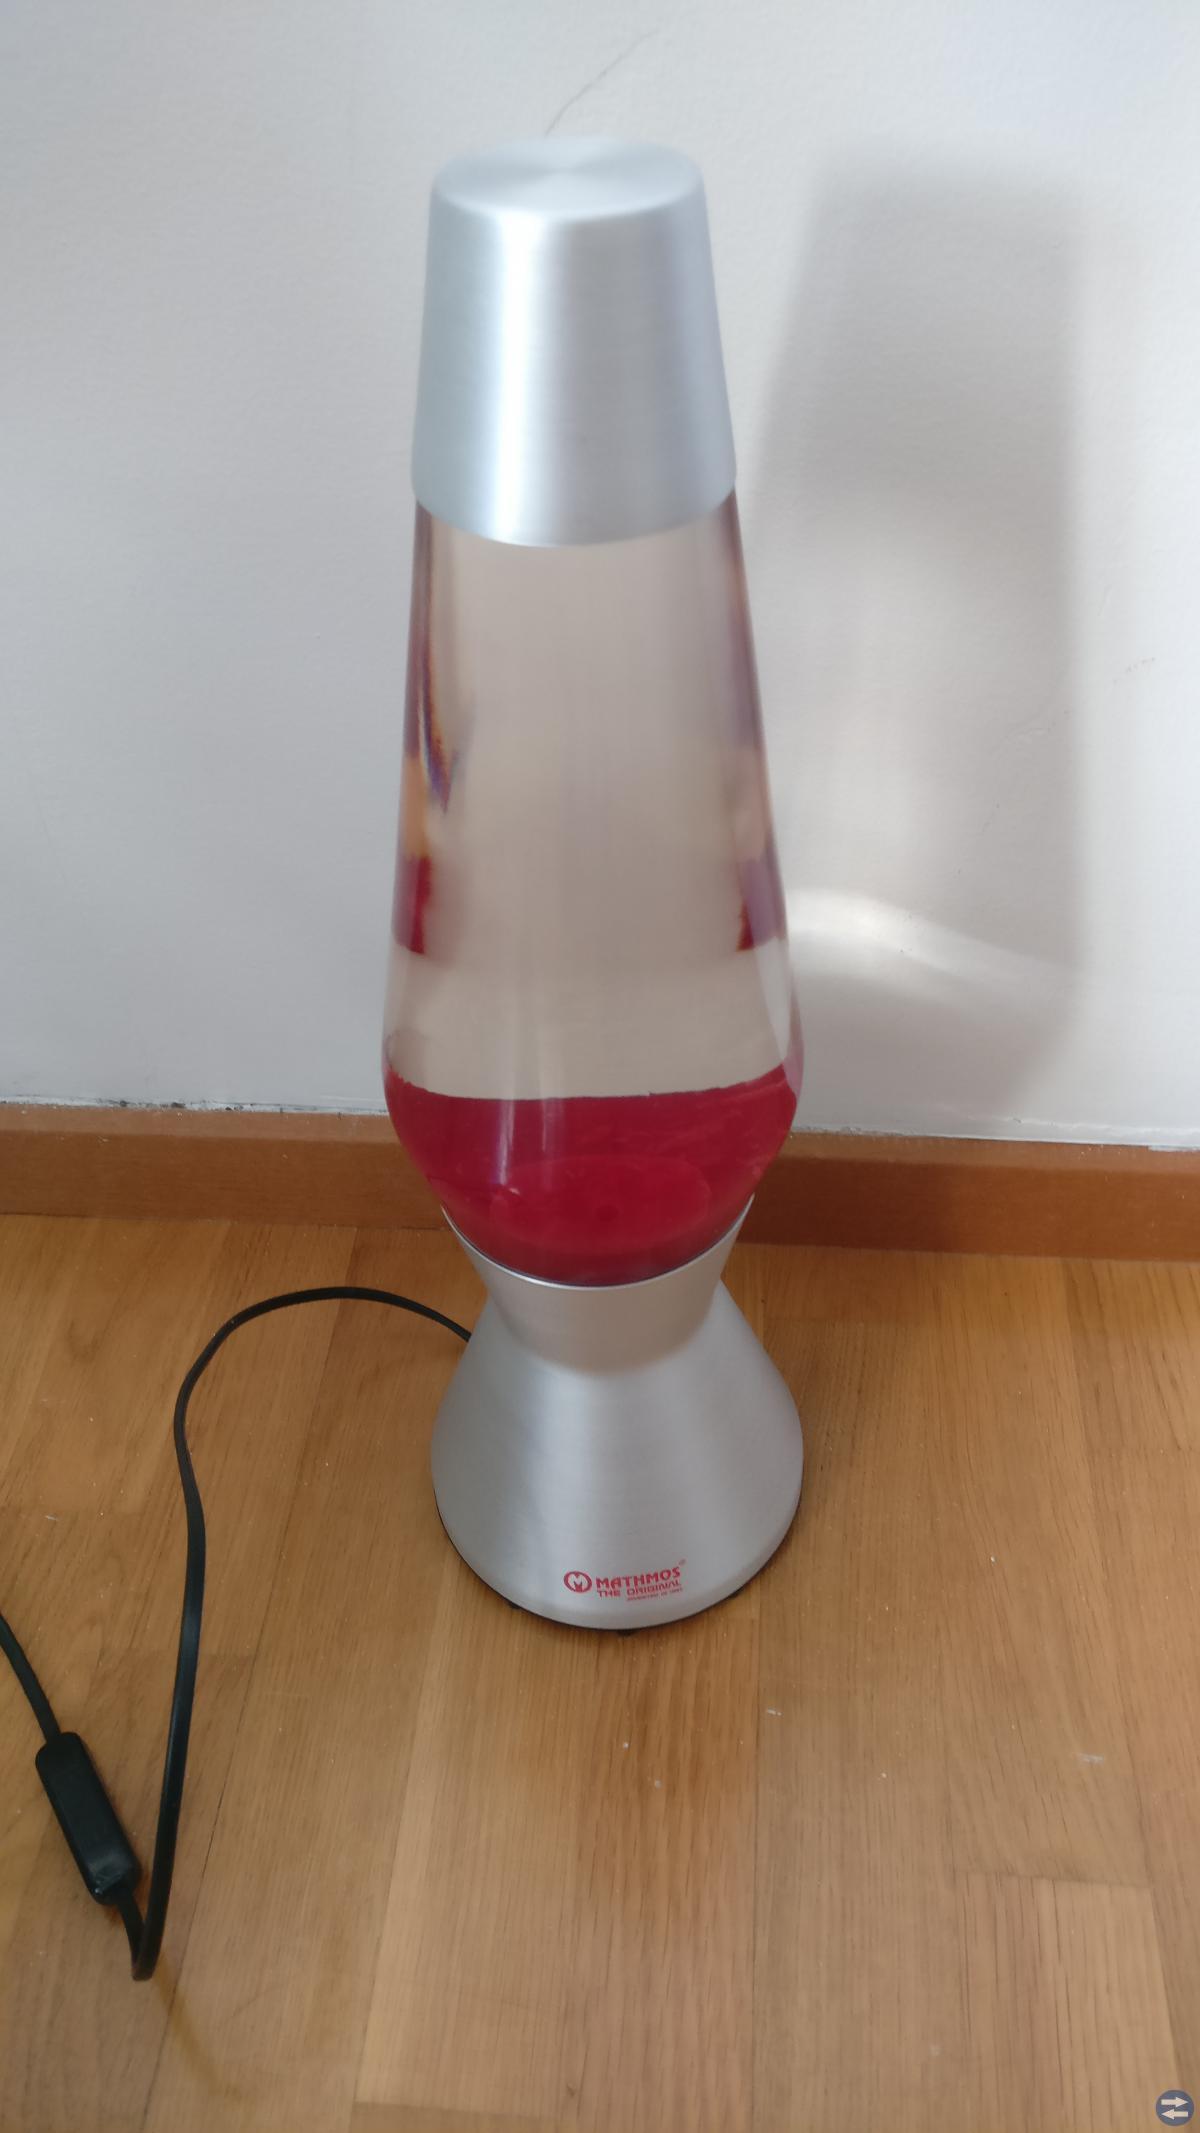 Snygg lavalampa - Aluminium